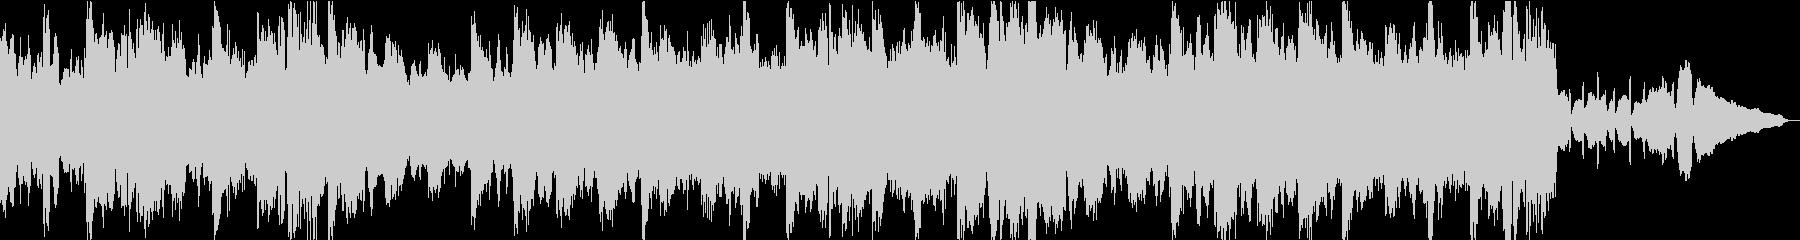 切ない響きの弦楽四重奏とピアノの未再生の波形